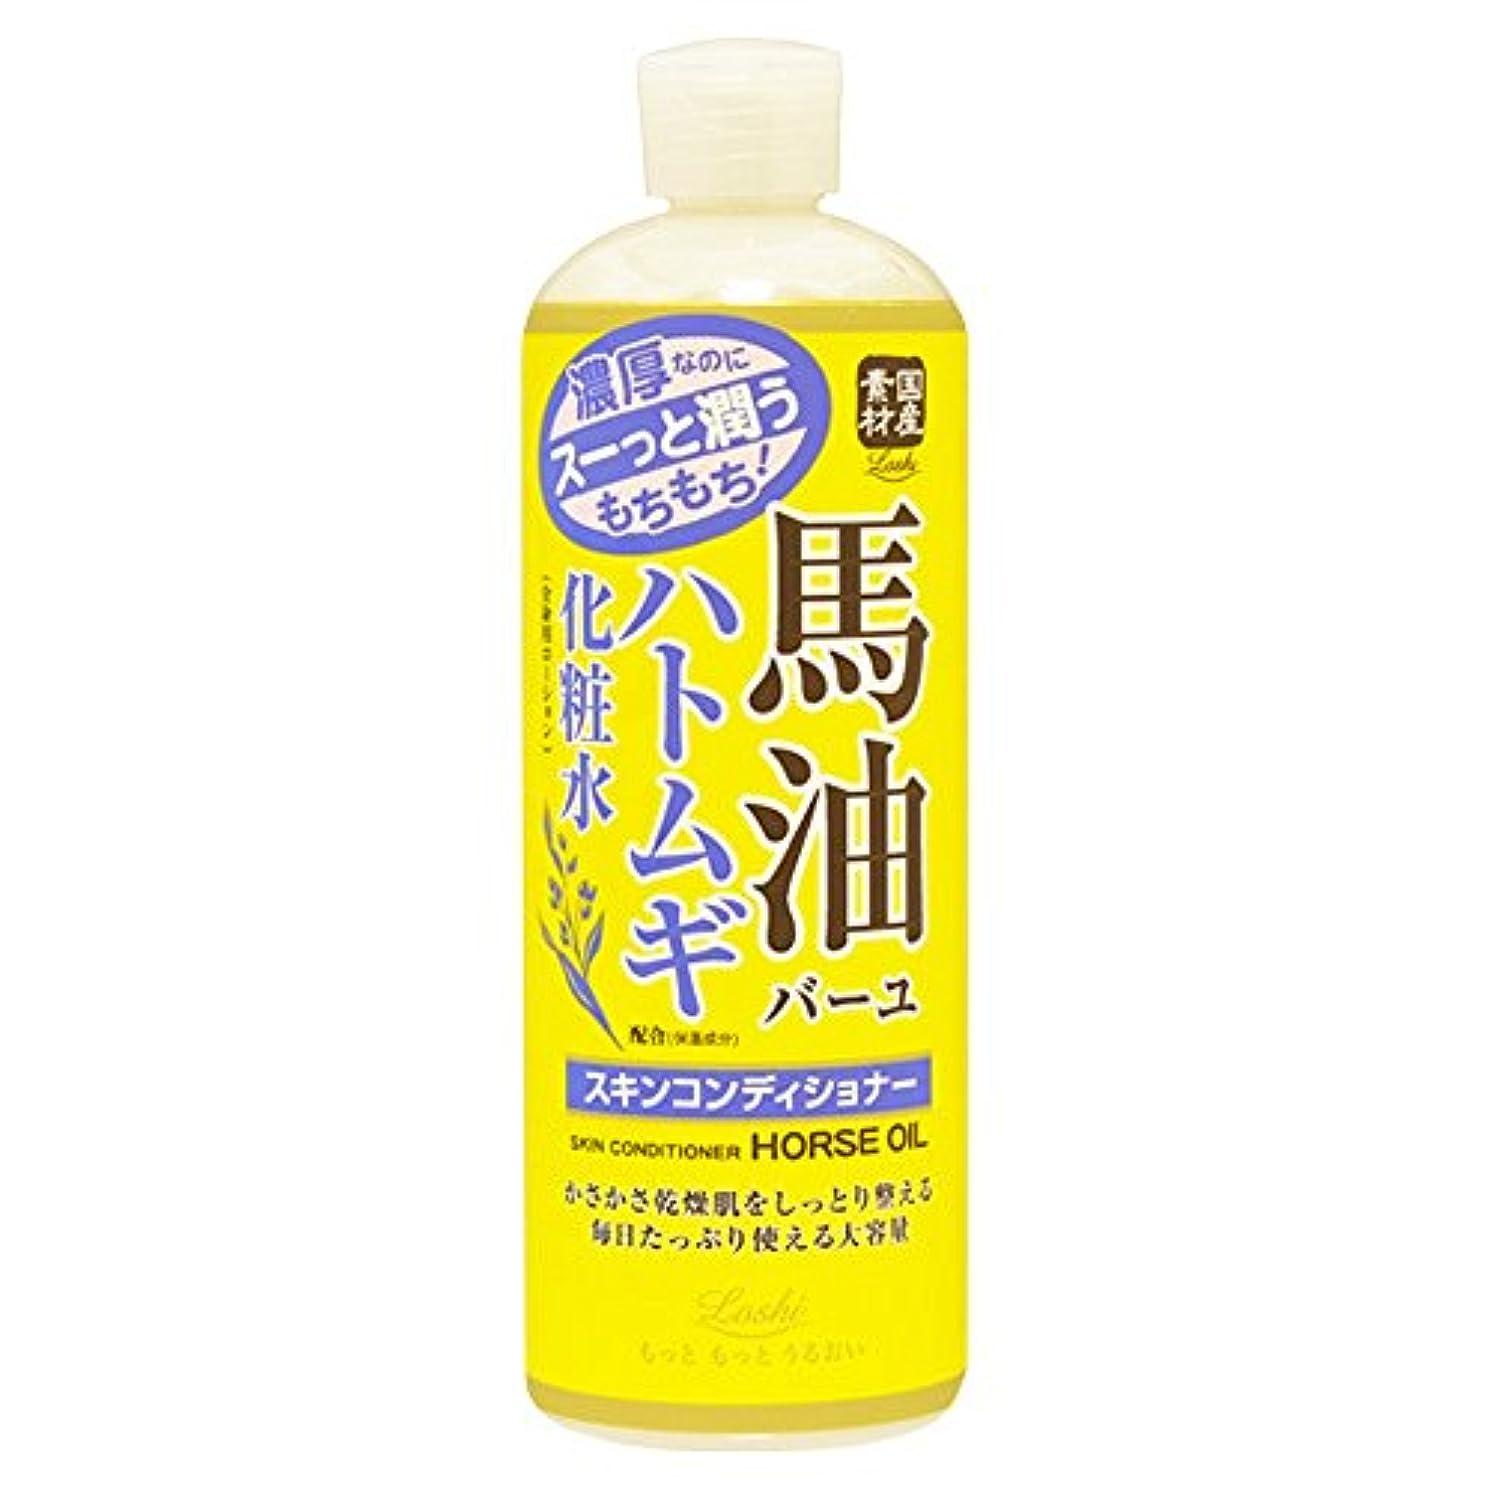 耐える産地食堂ロッシモイストエイド スキンコンディショナー 馬油&ハトムギ 500ml (化粧水 ローション 高保湿)